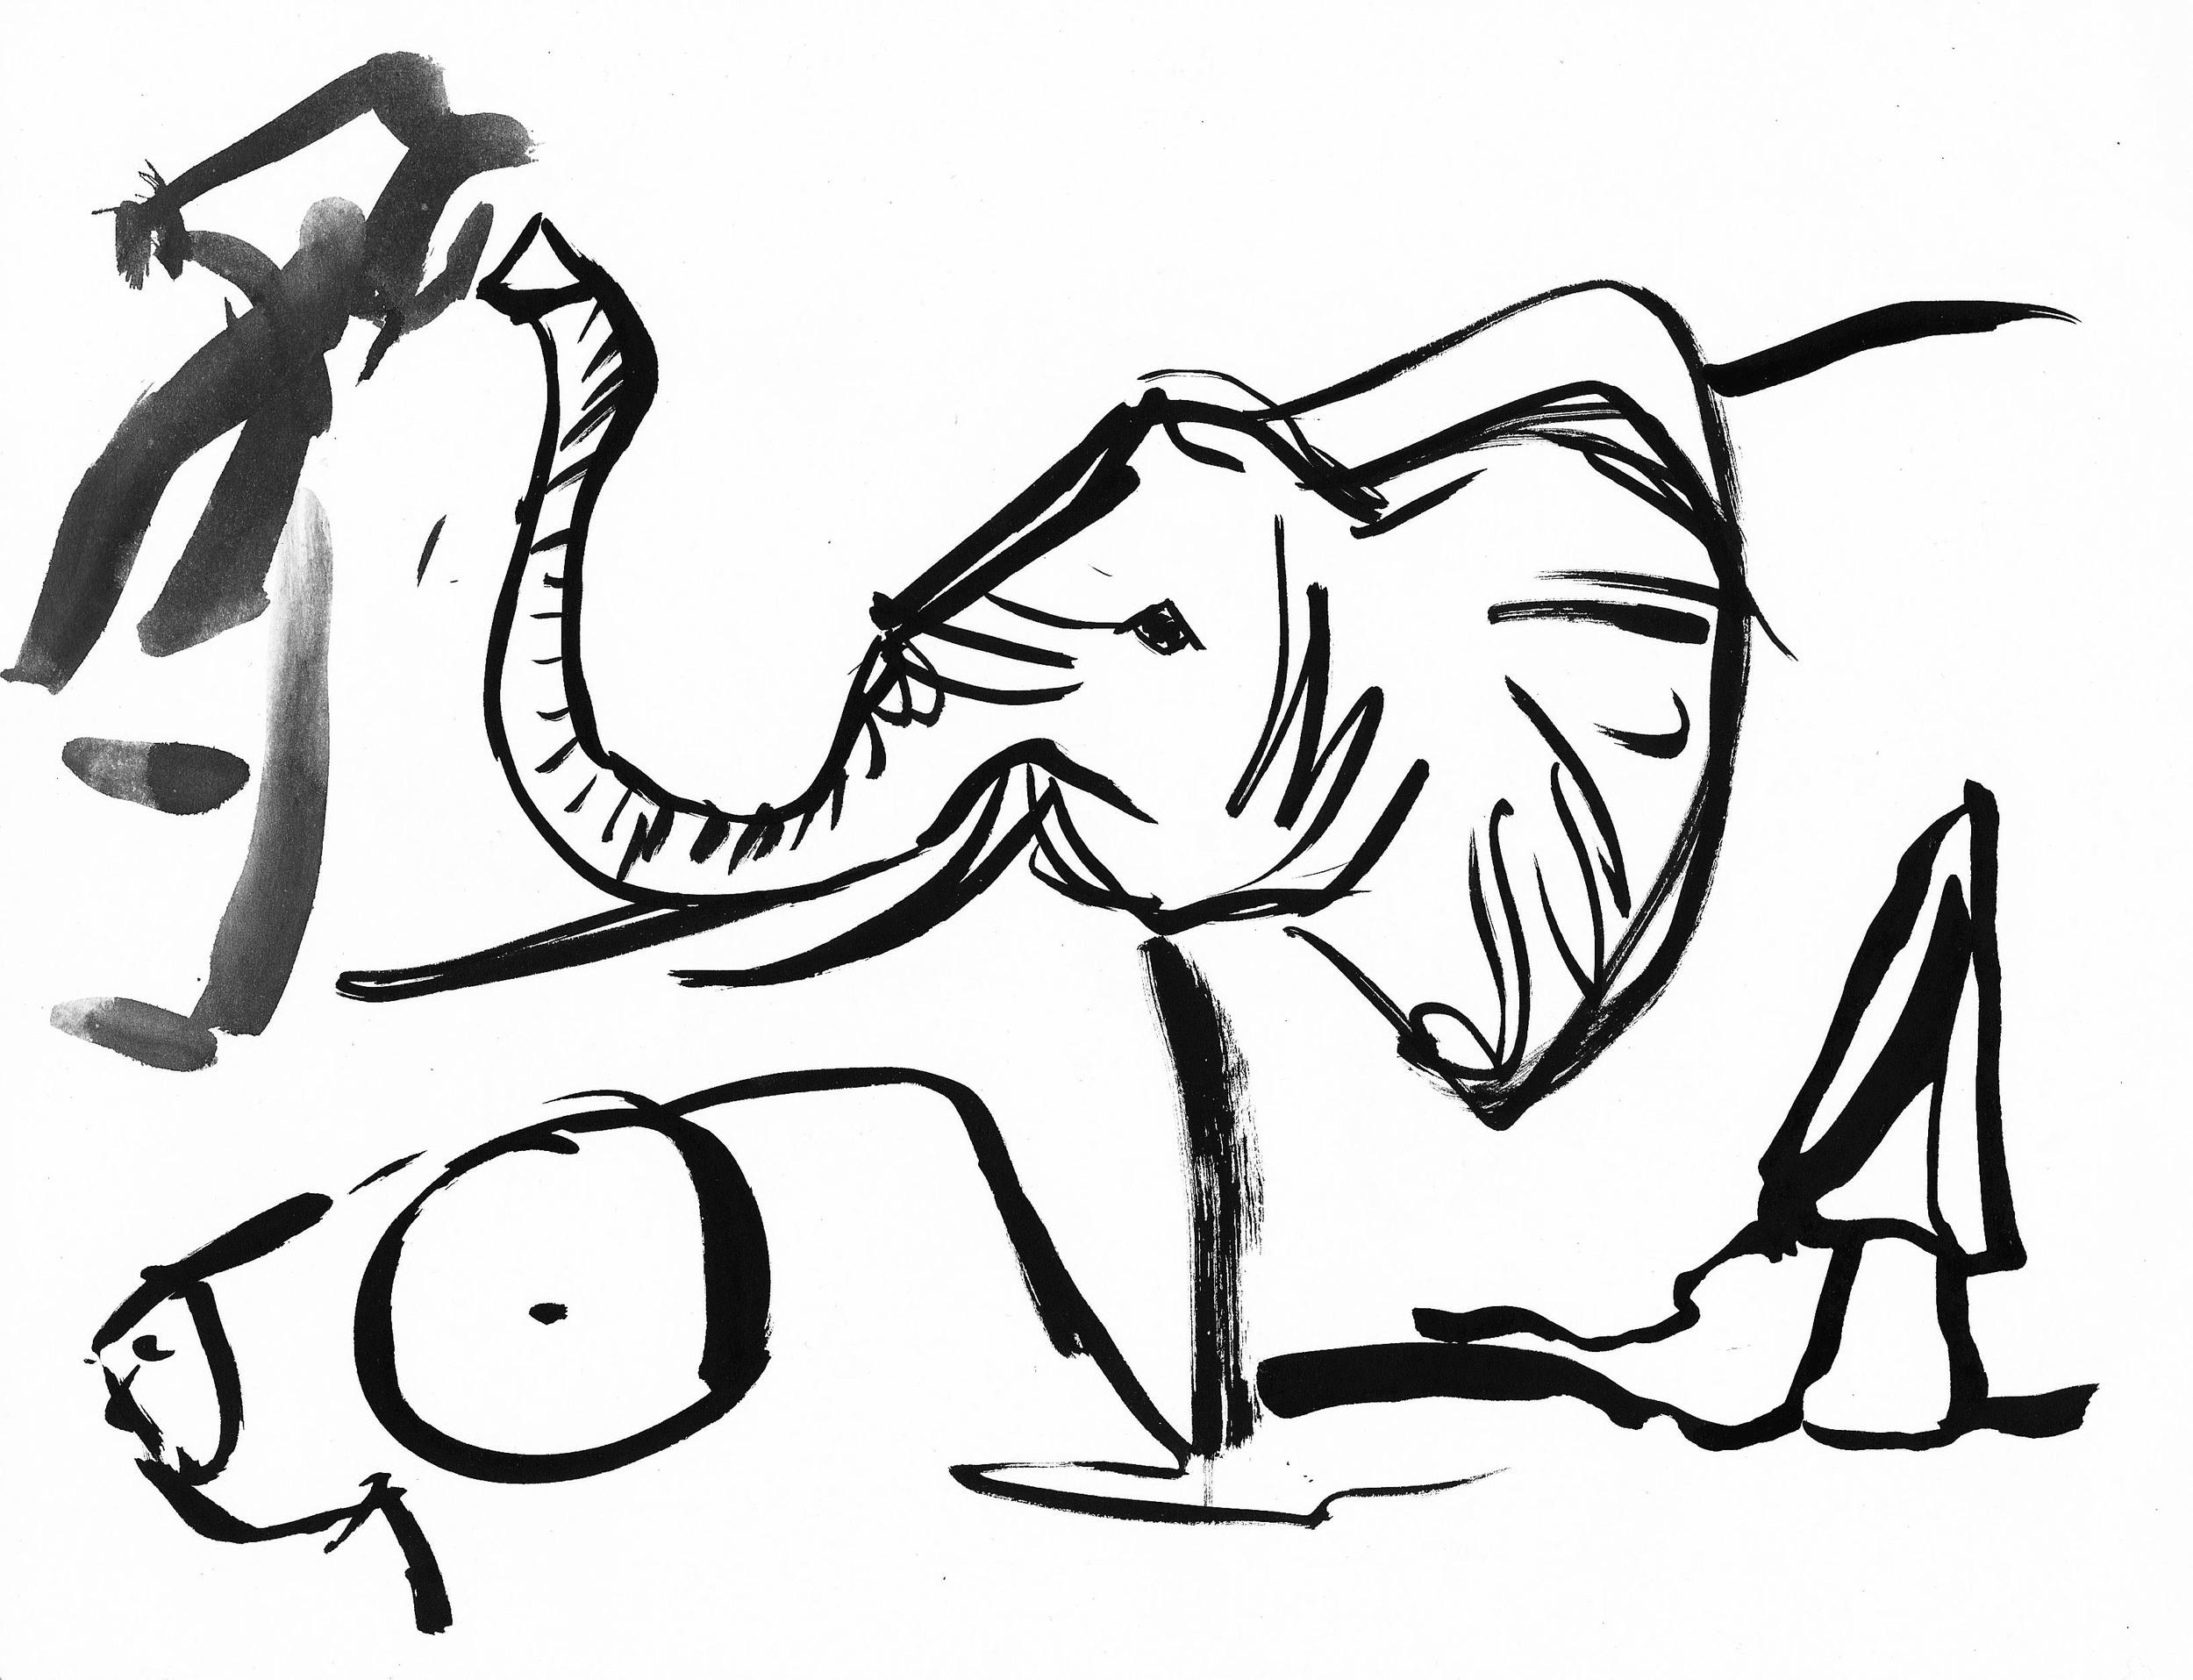 Elephant_Aardvard_Mushroom.jpg